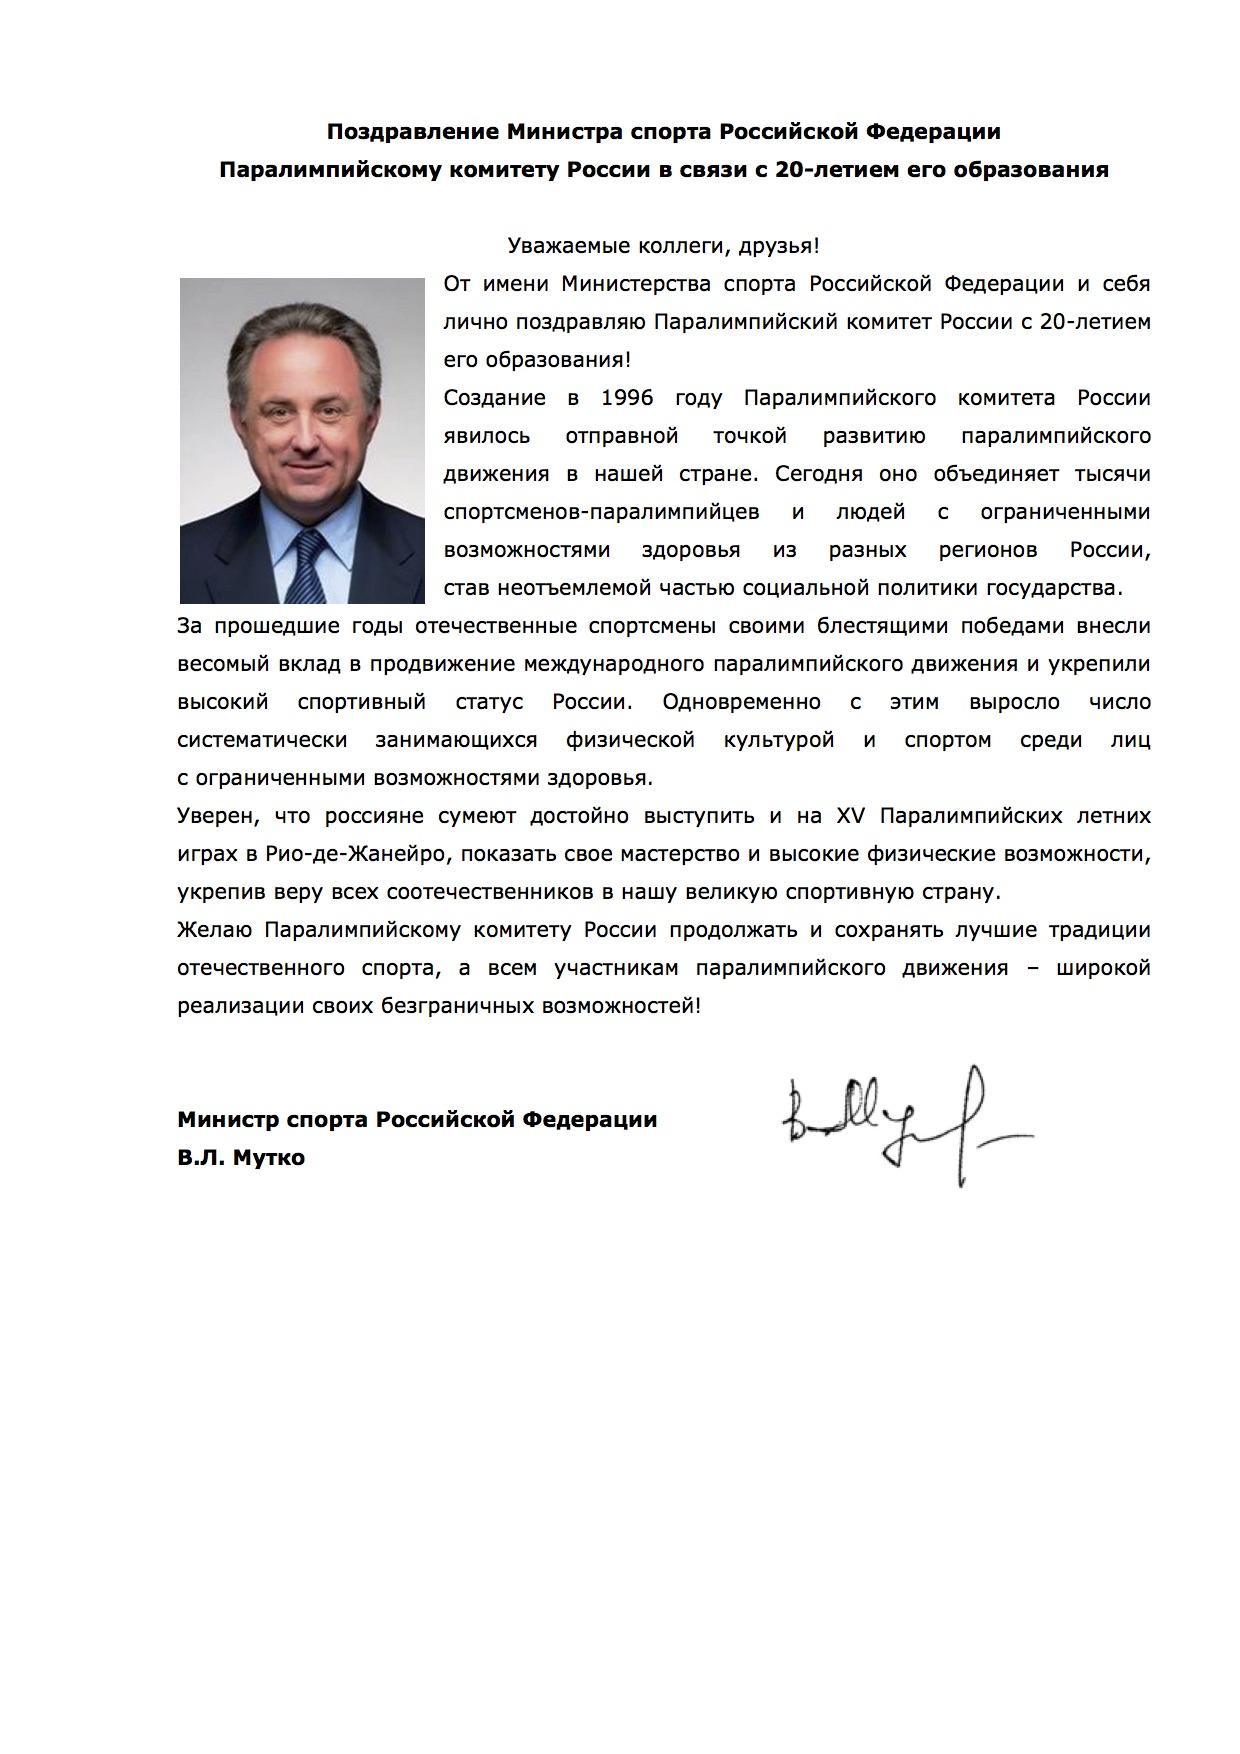 Министр спорта Российской Федерации Виталий Мутко поздравил Паралимпийский комитет России с 20-летием